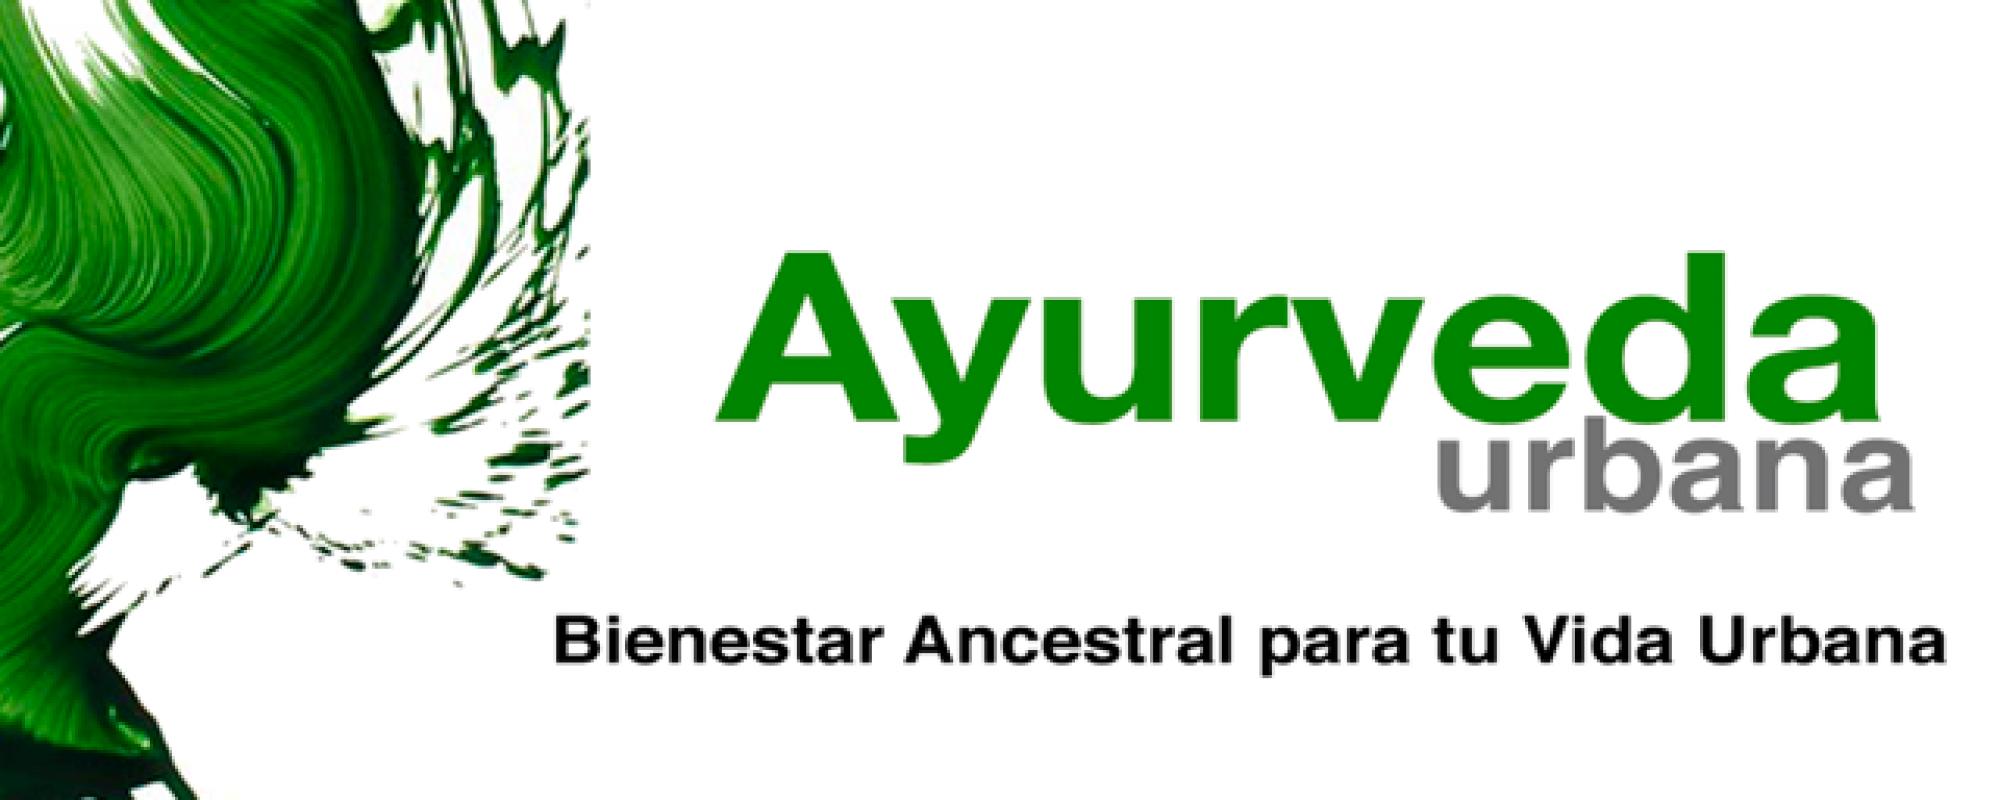 cropped-logo-ayurveda-urbana.png